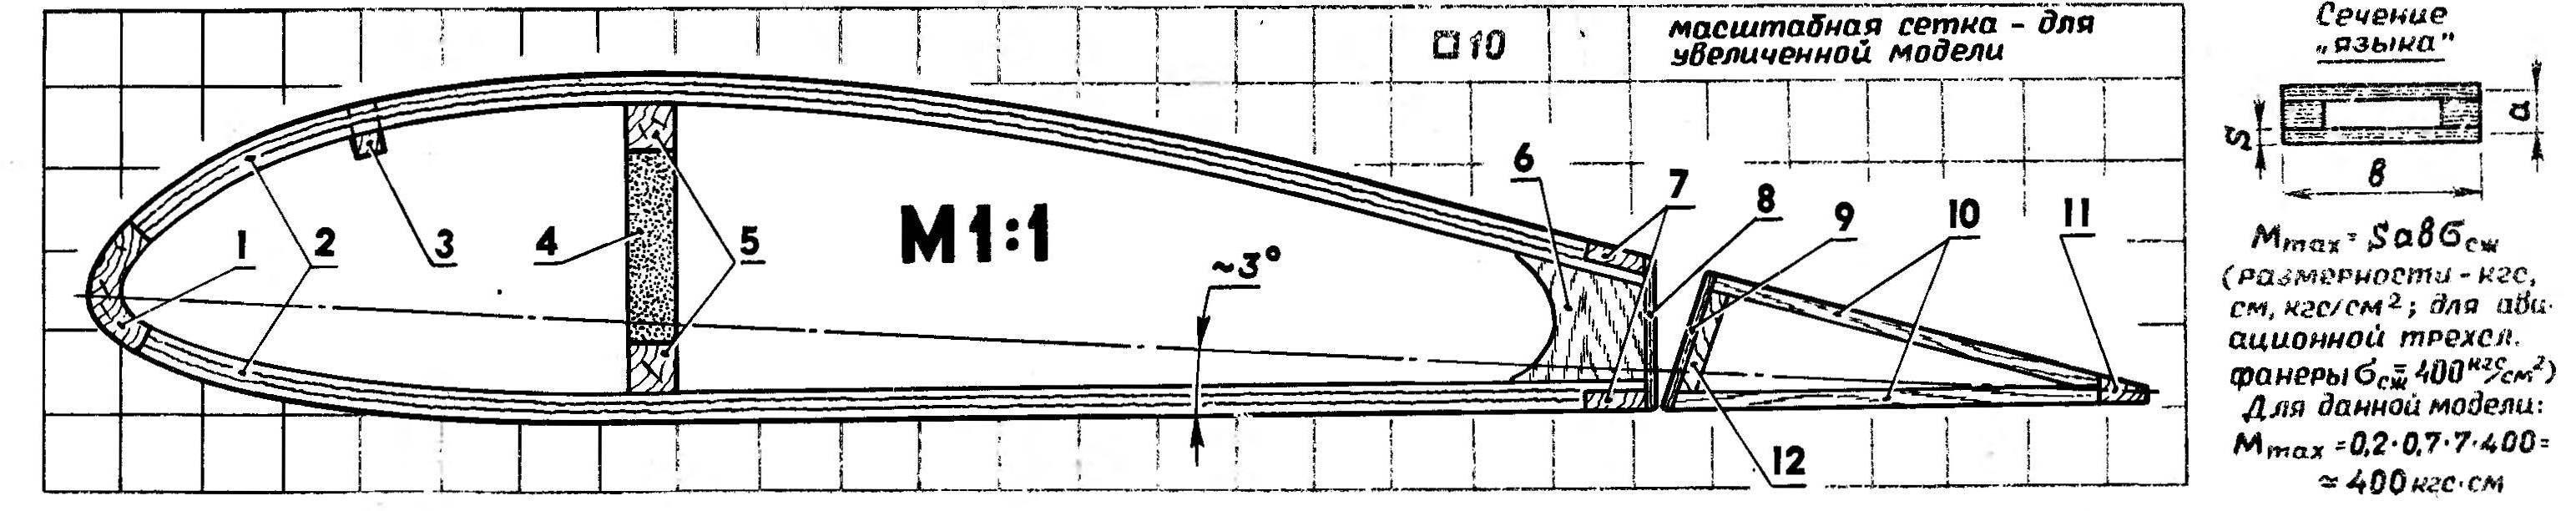 Р и с. 4. Шаблон типовой нервюры крыла